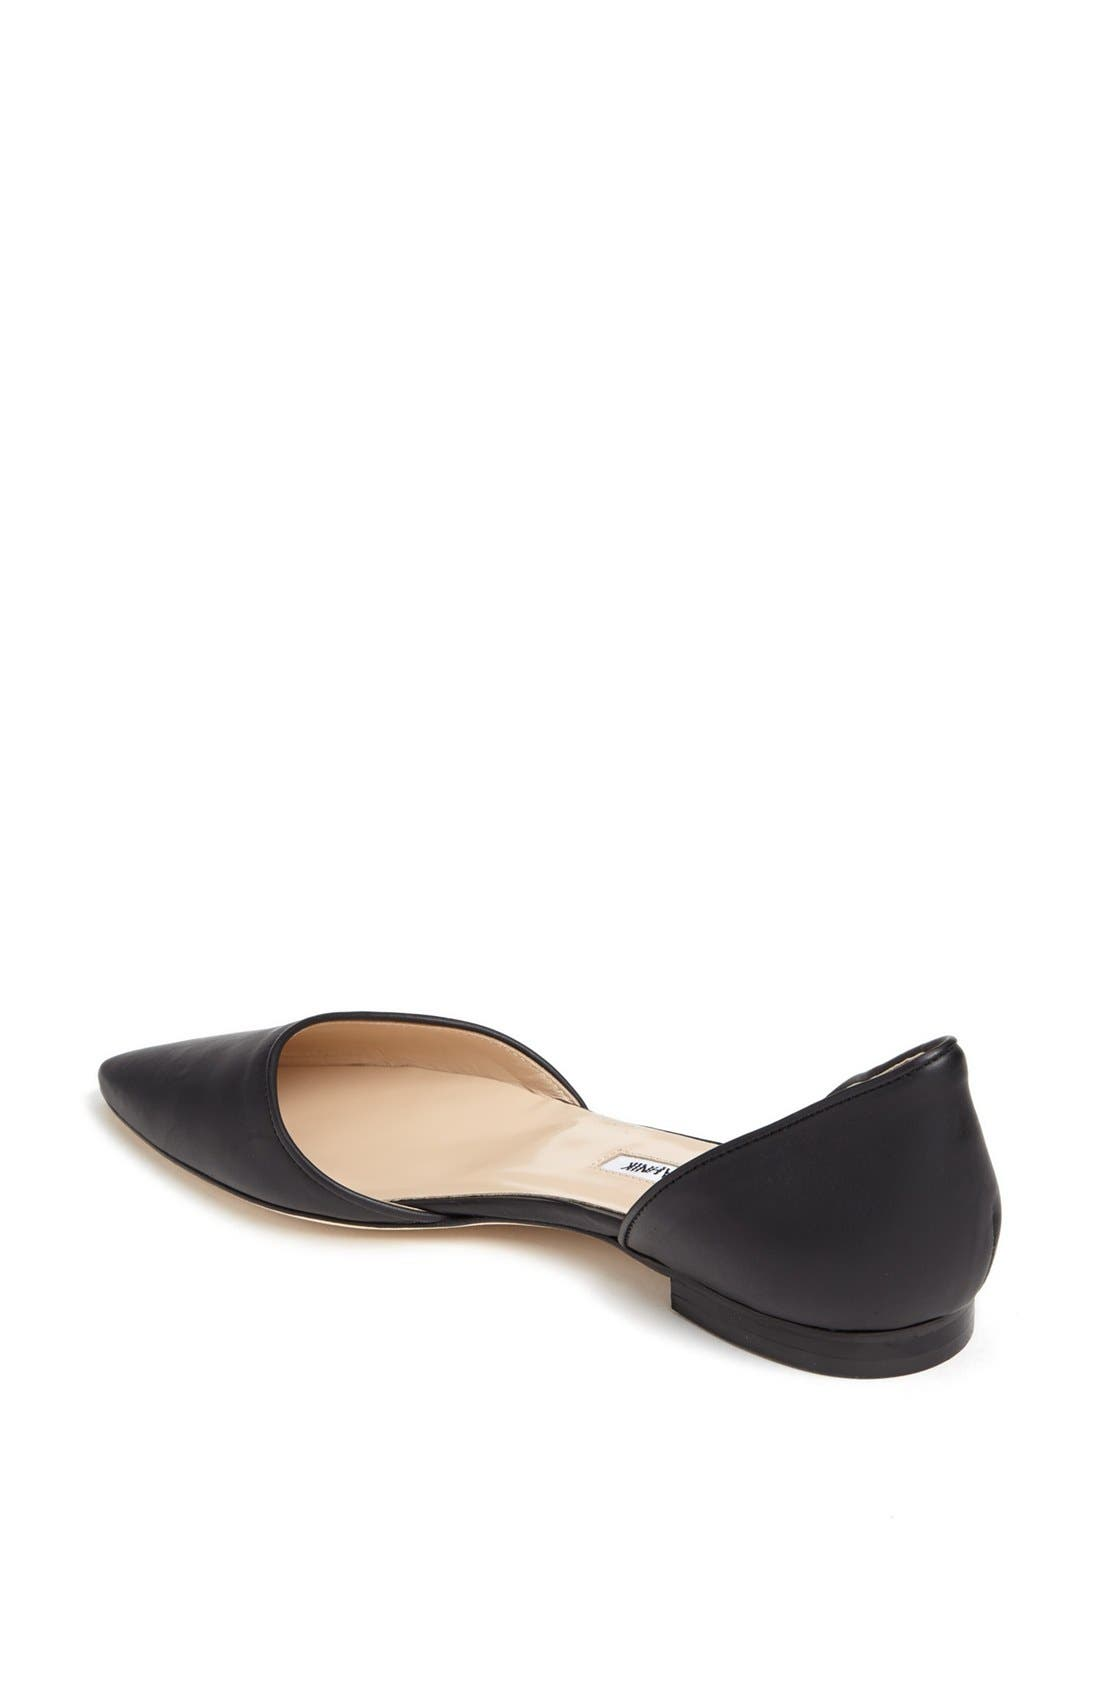 Alternate Image 2  - Manolo Blahnik 'Soussaba' Leather Pointed Toe Flat